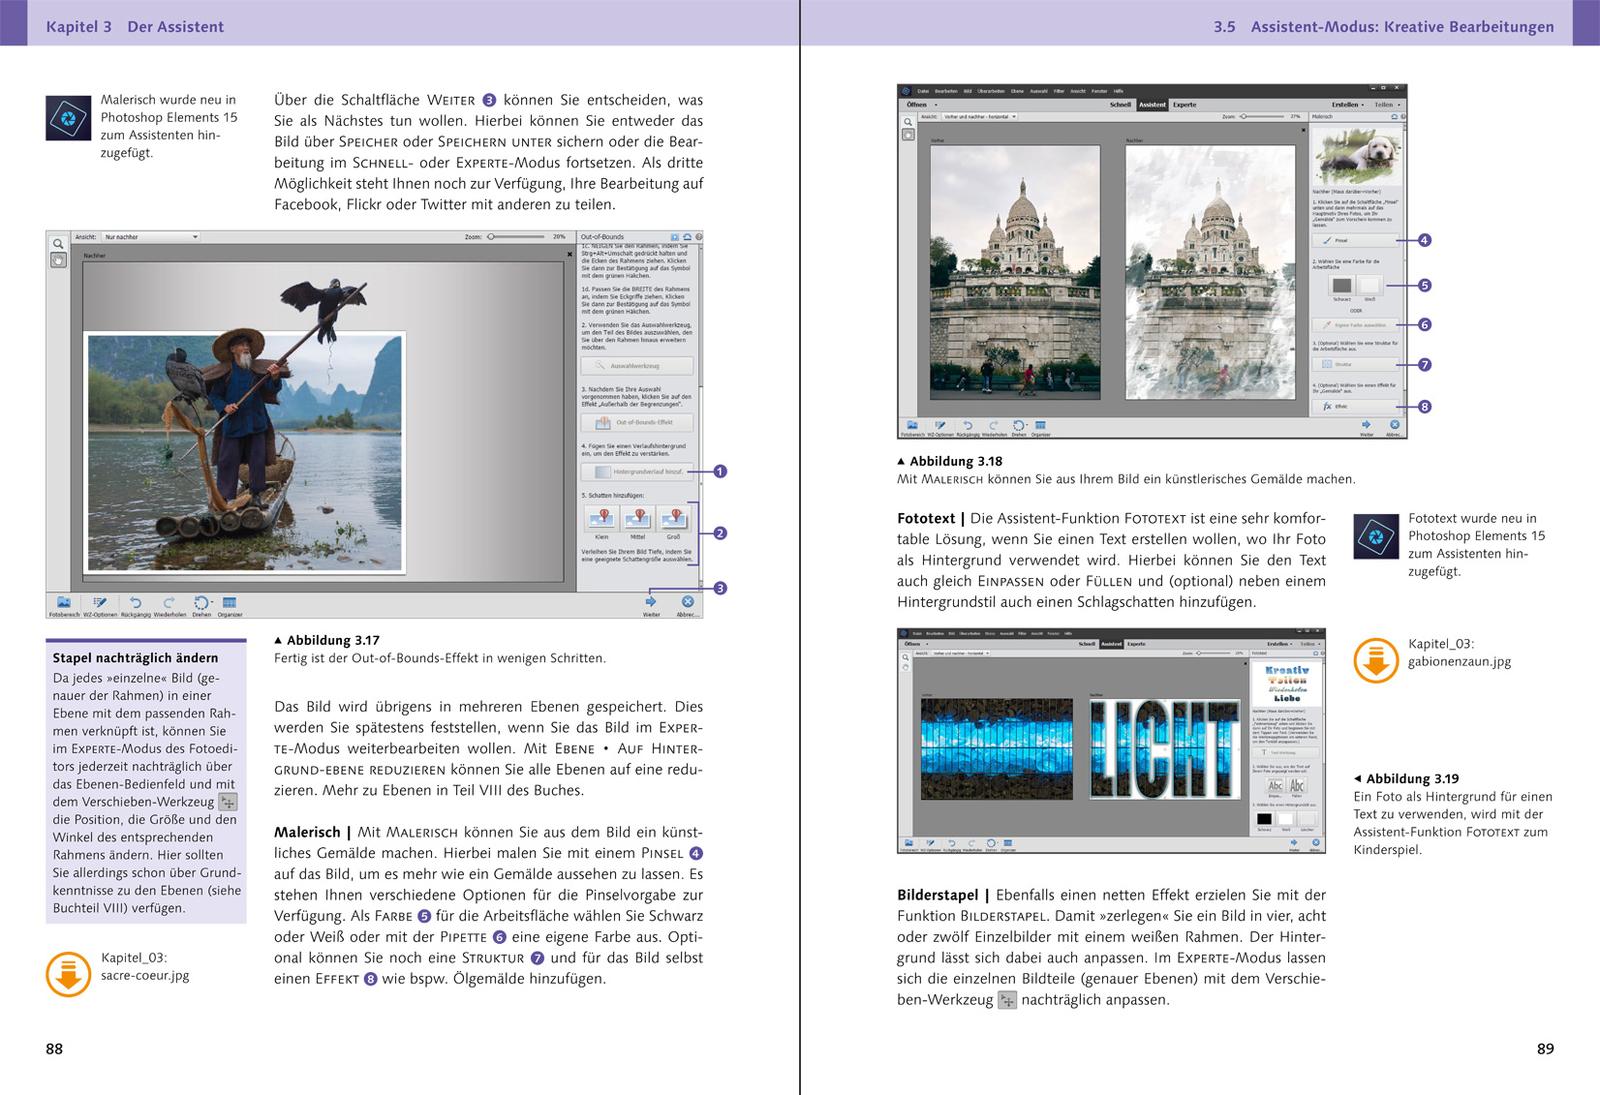 Photoshop Elements 15. Das umfassende Handbuch. Jürgen Wolf